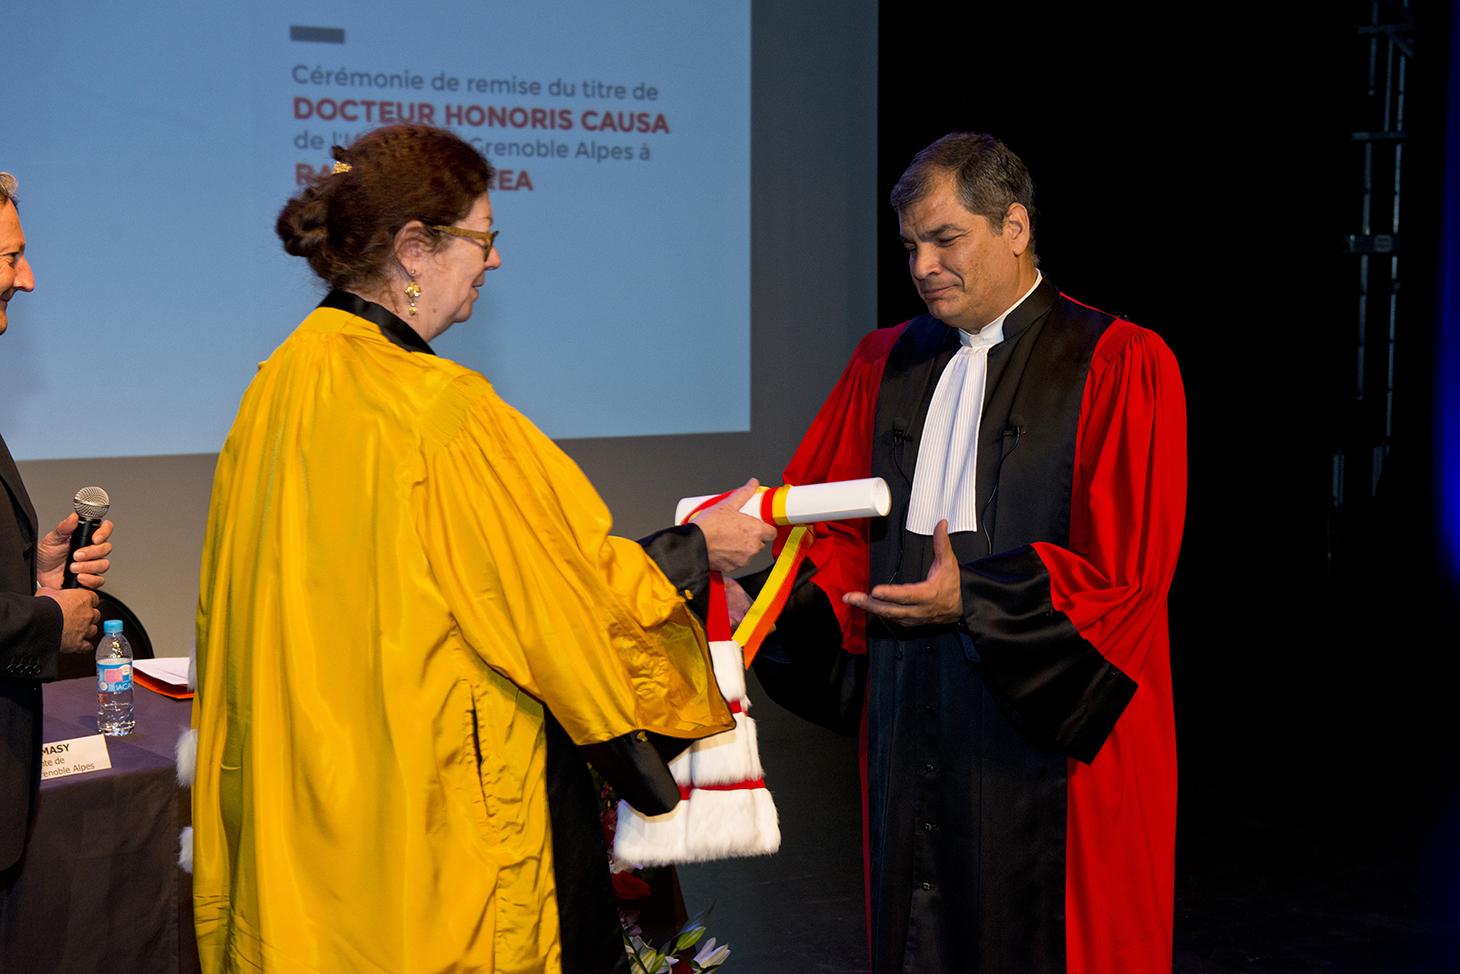 Remise de la médaille et du diplôme Docteur Honoris Causa par Lise Dumasy